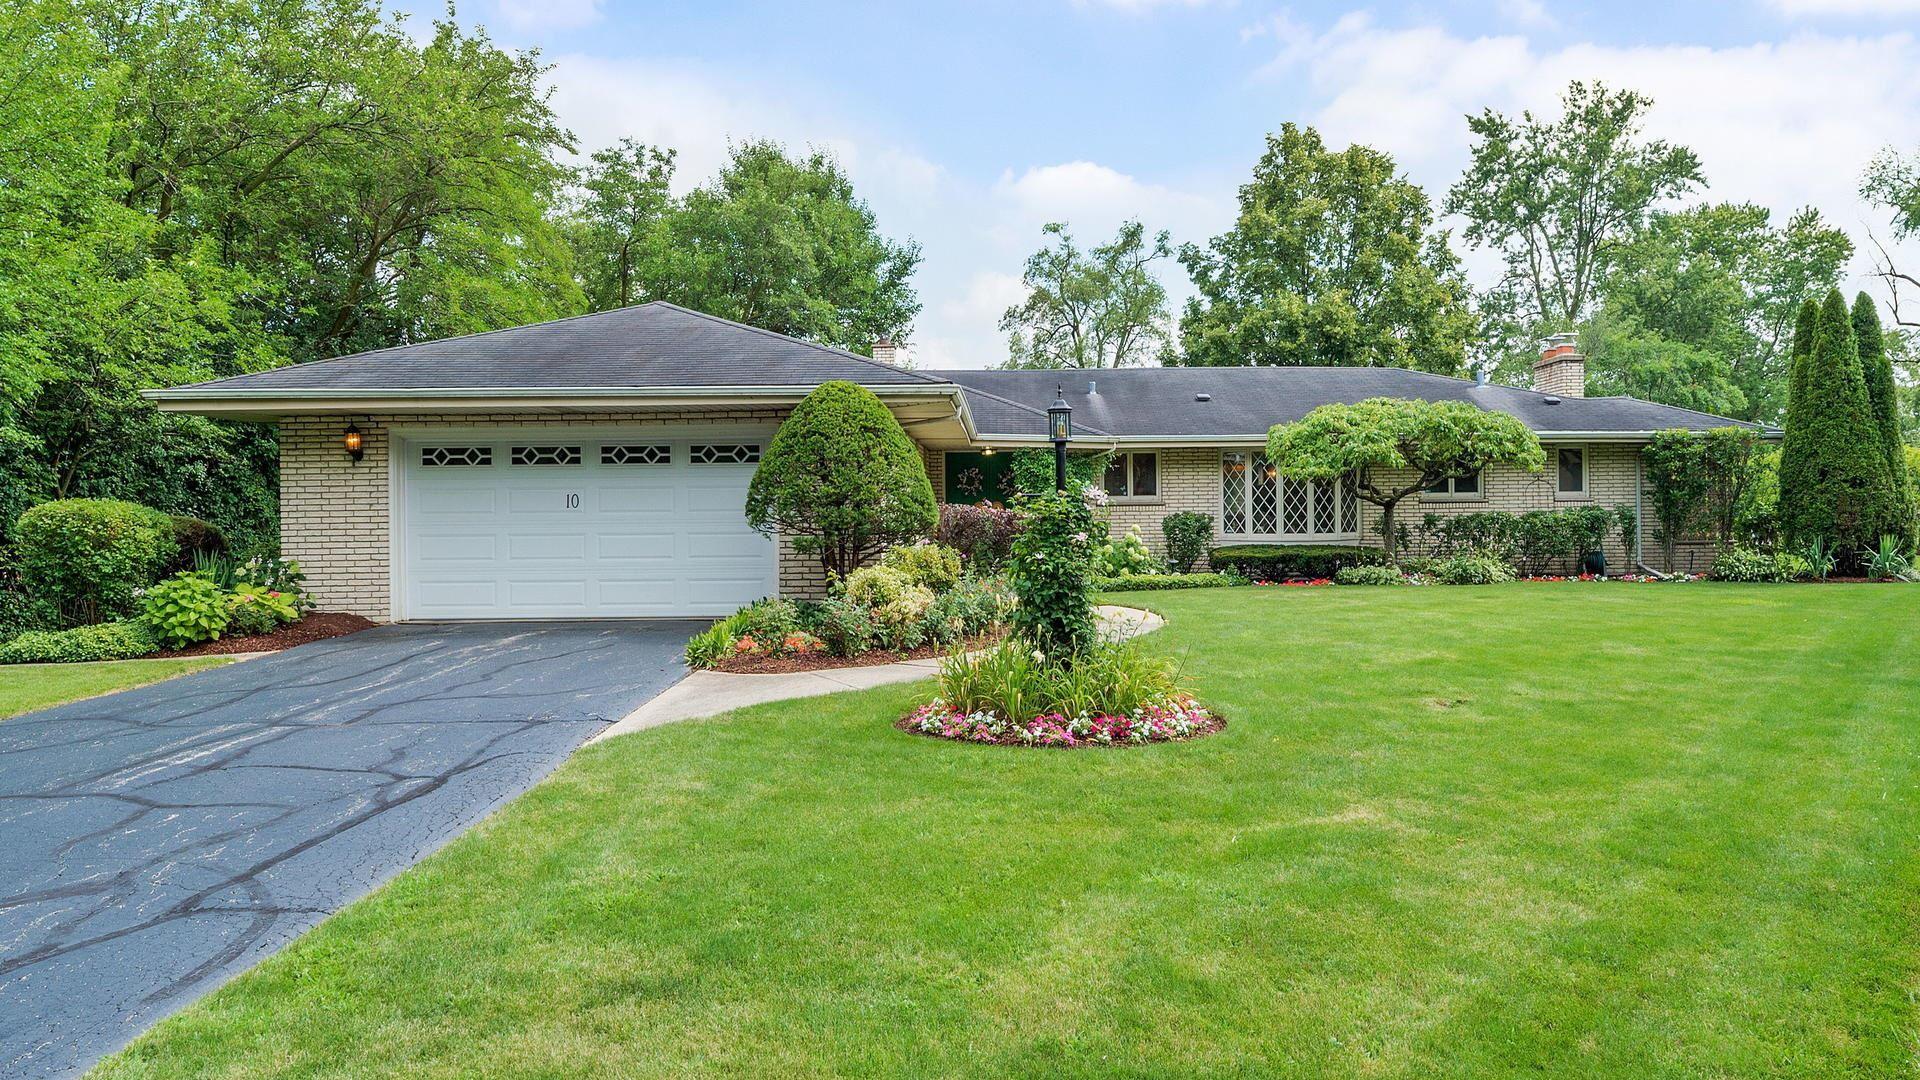 10 Calle View Drive, La Grange, IL 60525 - #: 10669093